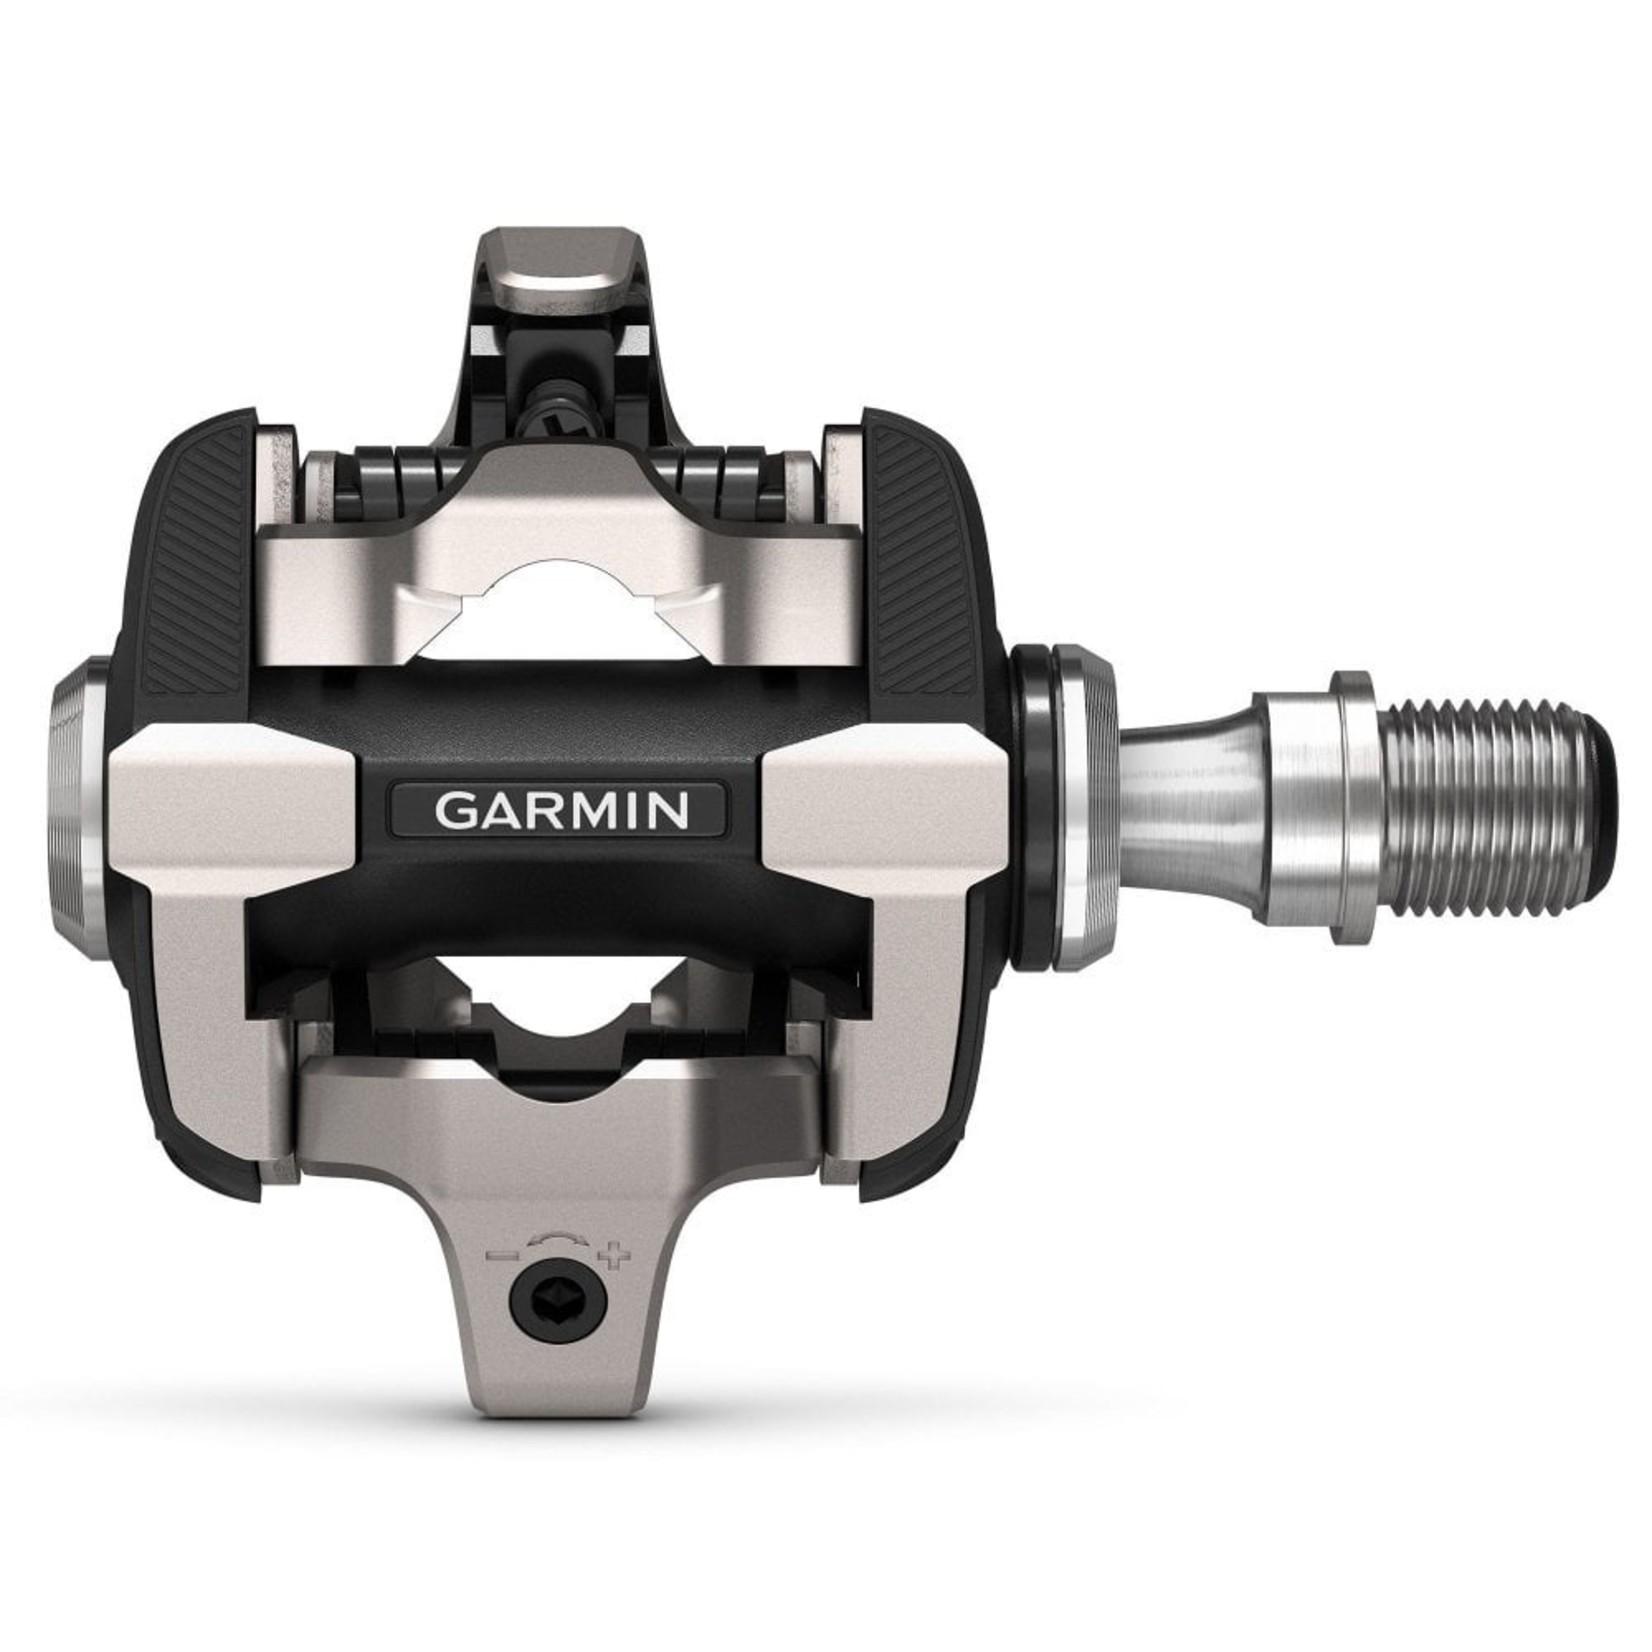 Garmin GARMIN RALLY POWER PEDAL